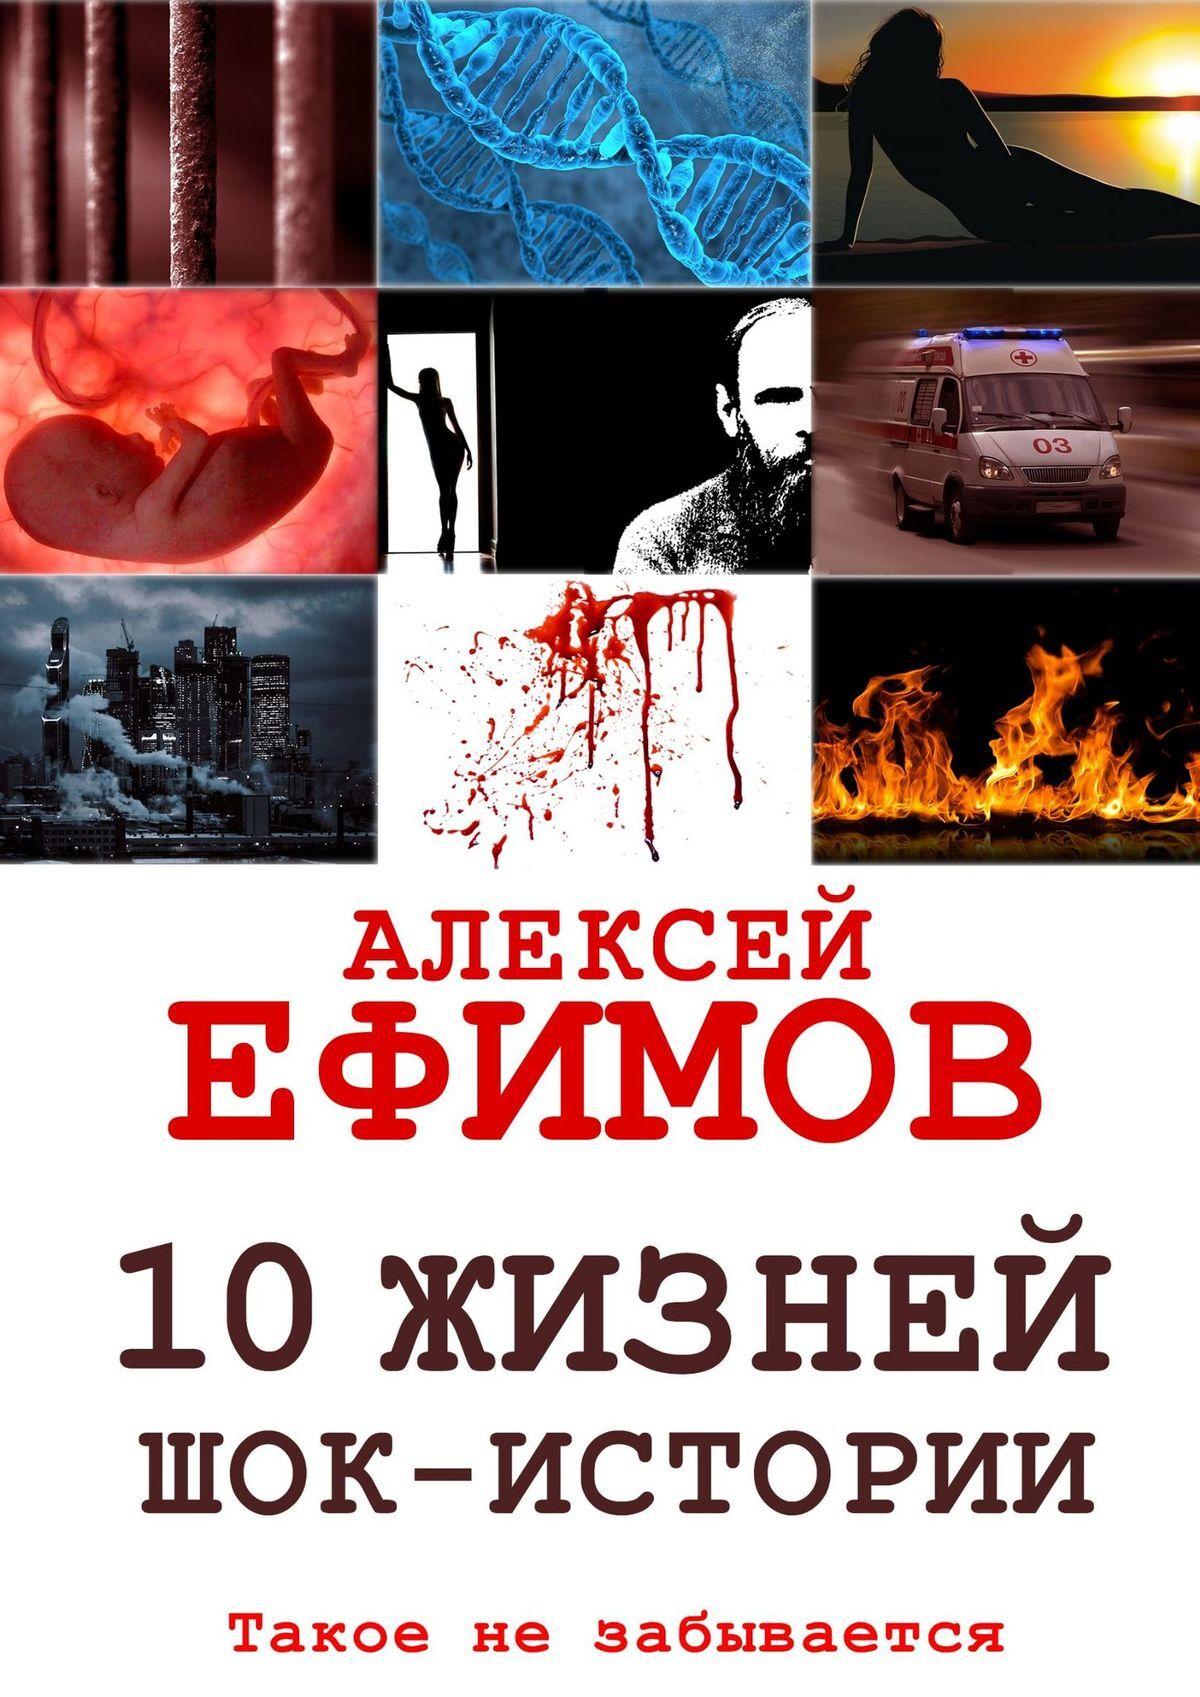 Алексей Ефимов 10 жизней. Шок-истории юрий галенович десять жизней ван мина